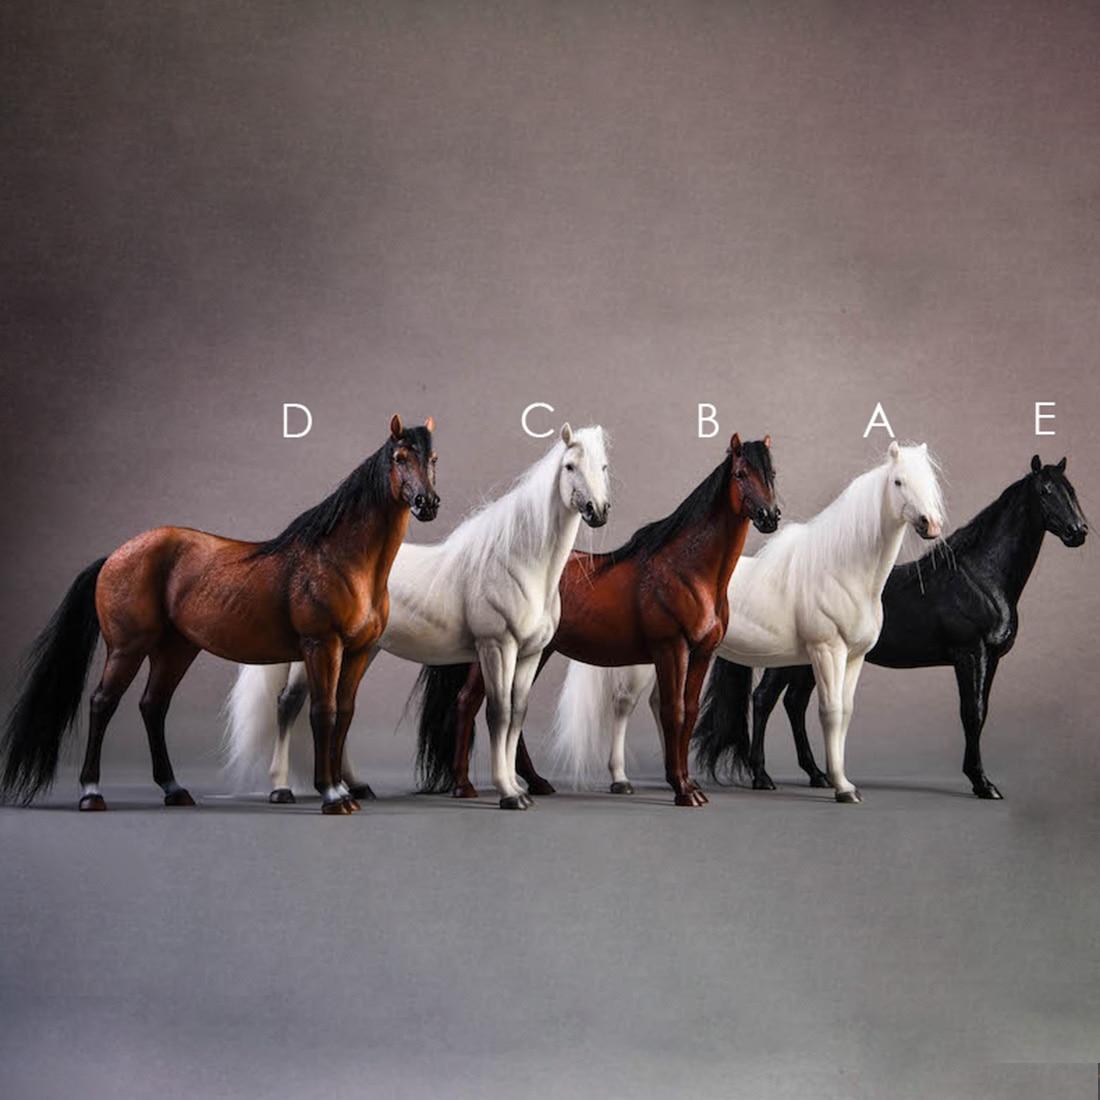 20cm 1/12 echelle allemagne hanovre modèle à sang chaud décoration de cheval-blanc